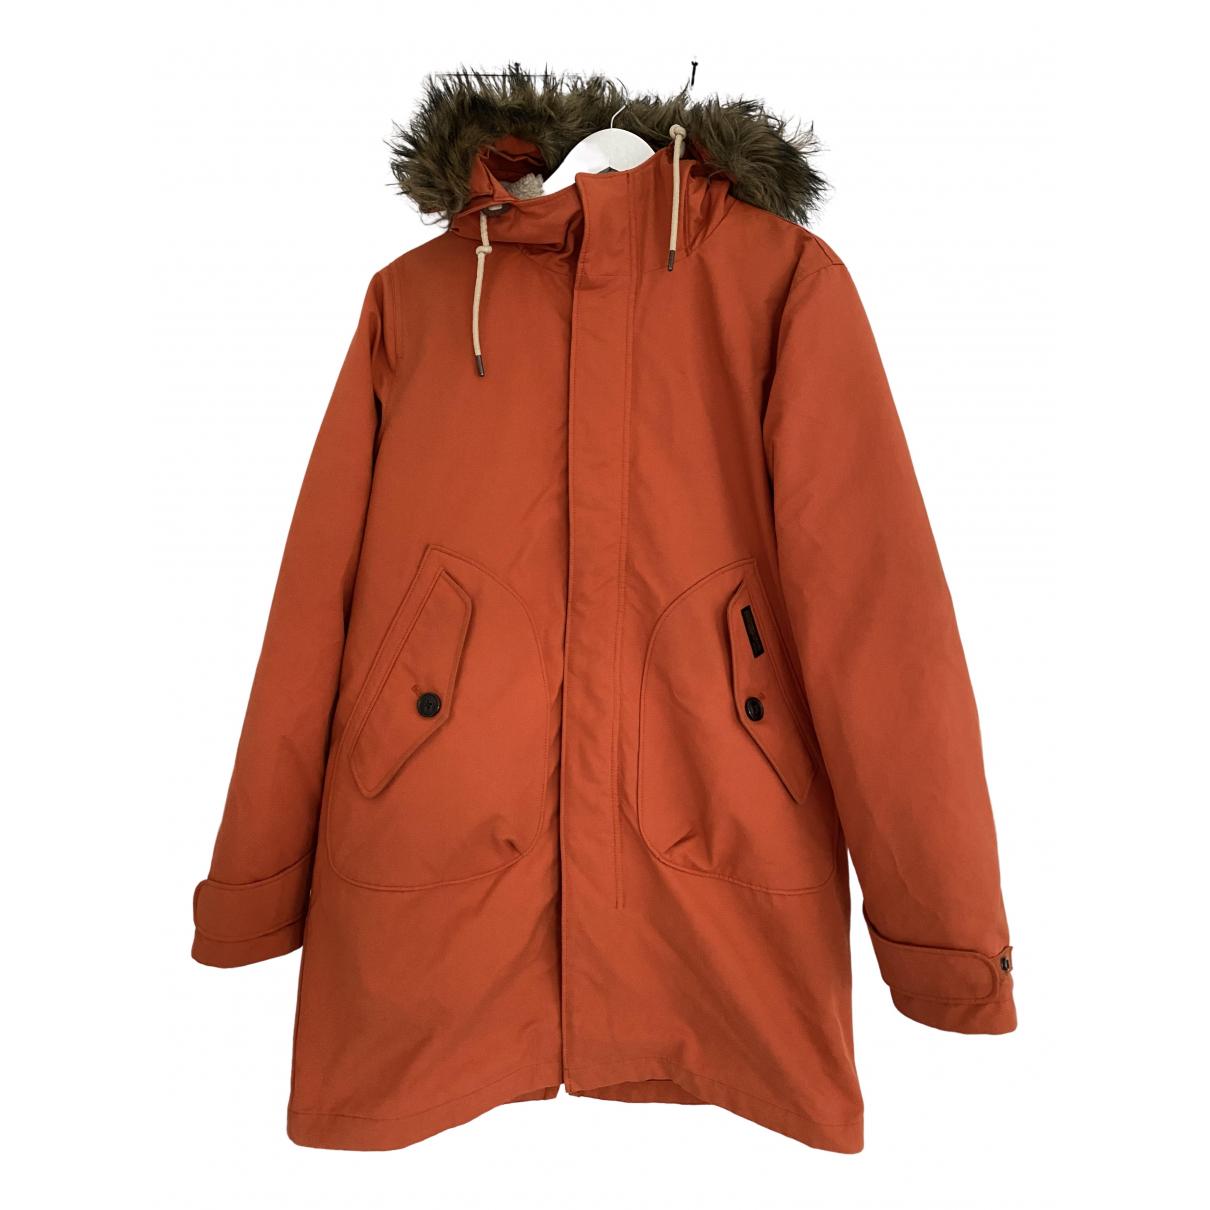 Abercrombie & Fitch - Manteau   pour homme - orange